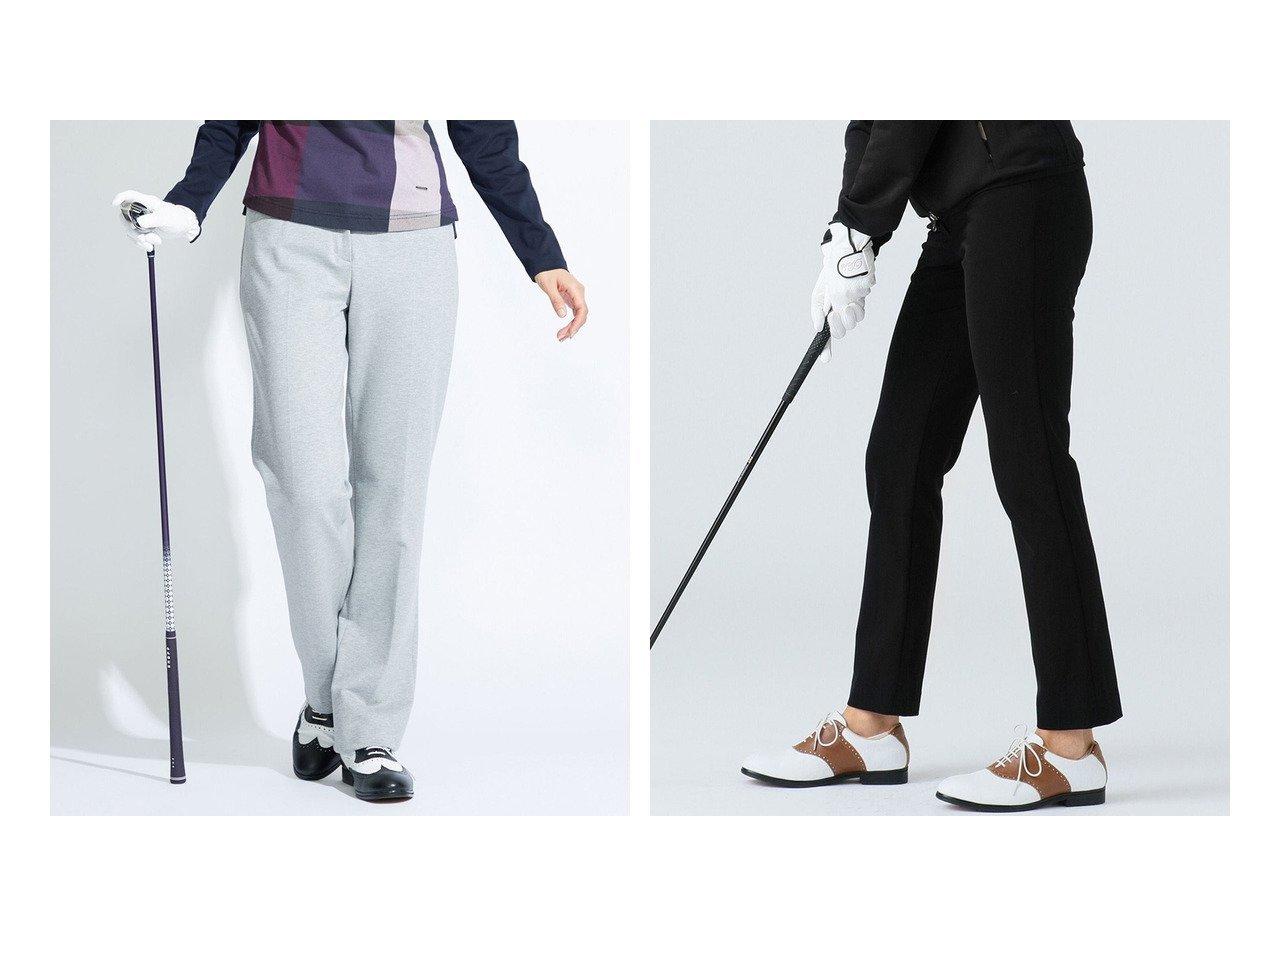 【DAKS GOLF/ダックス ゴルフ】の【WOMEN】ツイルジャージ パンツ&【WOMENS】コンパクトポンチ パンツ おすすめ!人気、トレンド・レディースファッションの通販 おすすめで人気の流行・トレンド、ファッションの通販商品 インテリア・家具・メンズファッション・キッズファッション・レディースファッション・服の通販 founy(ファニー) https://founy.com/ ファッション Fashion レディースファッション WOMEN パンツ Pants 送料無料 Free Shipping コンパクト ストレッチ ストレート 定番 Standard シンプル スリム |ID:crp329100000070619